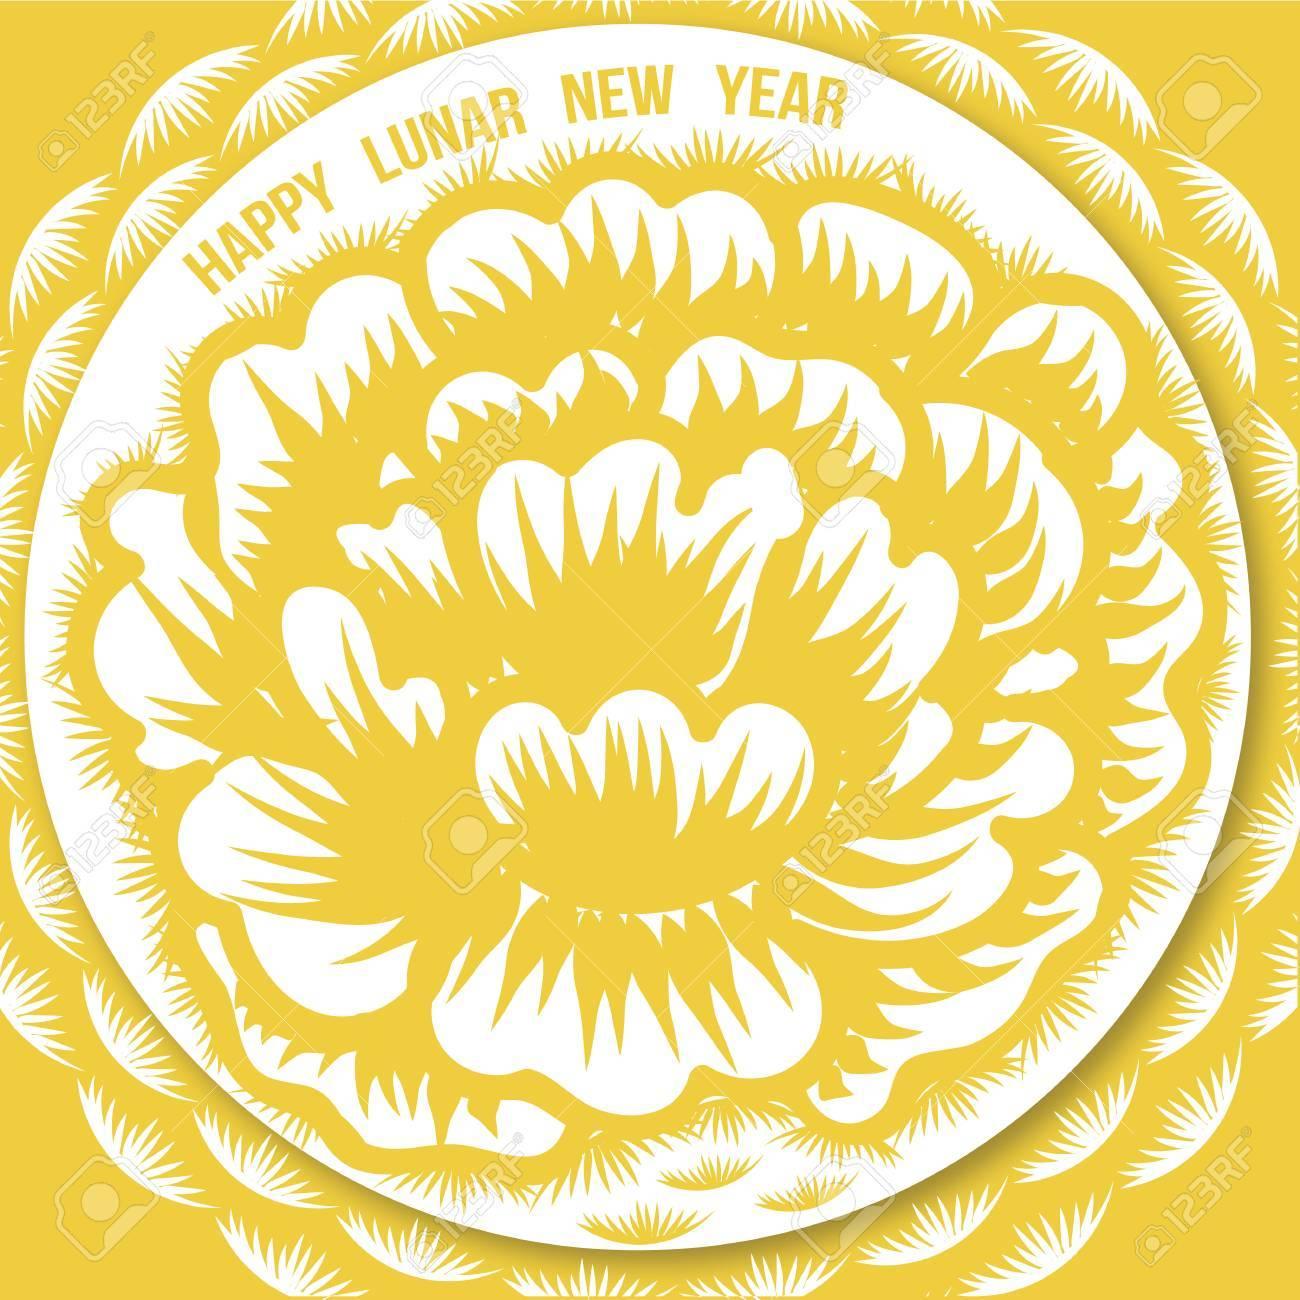 描いた菊の花紙加工中国旧暦正月の気まぐれな手のイラスト素材ベクタ